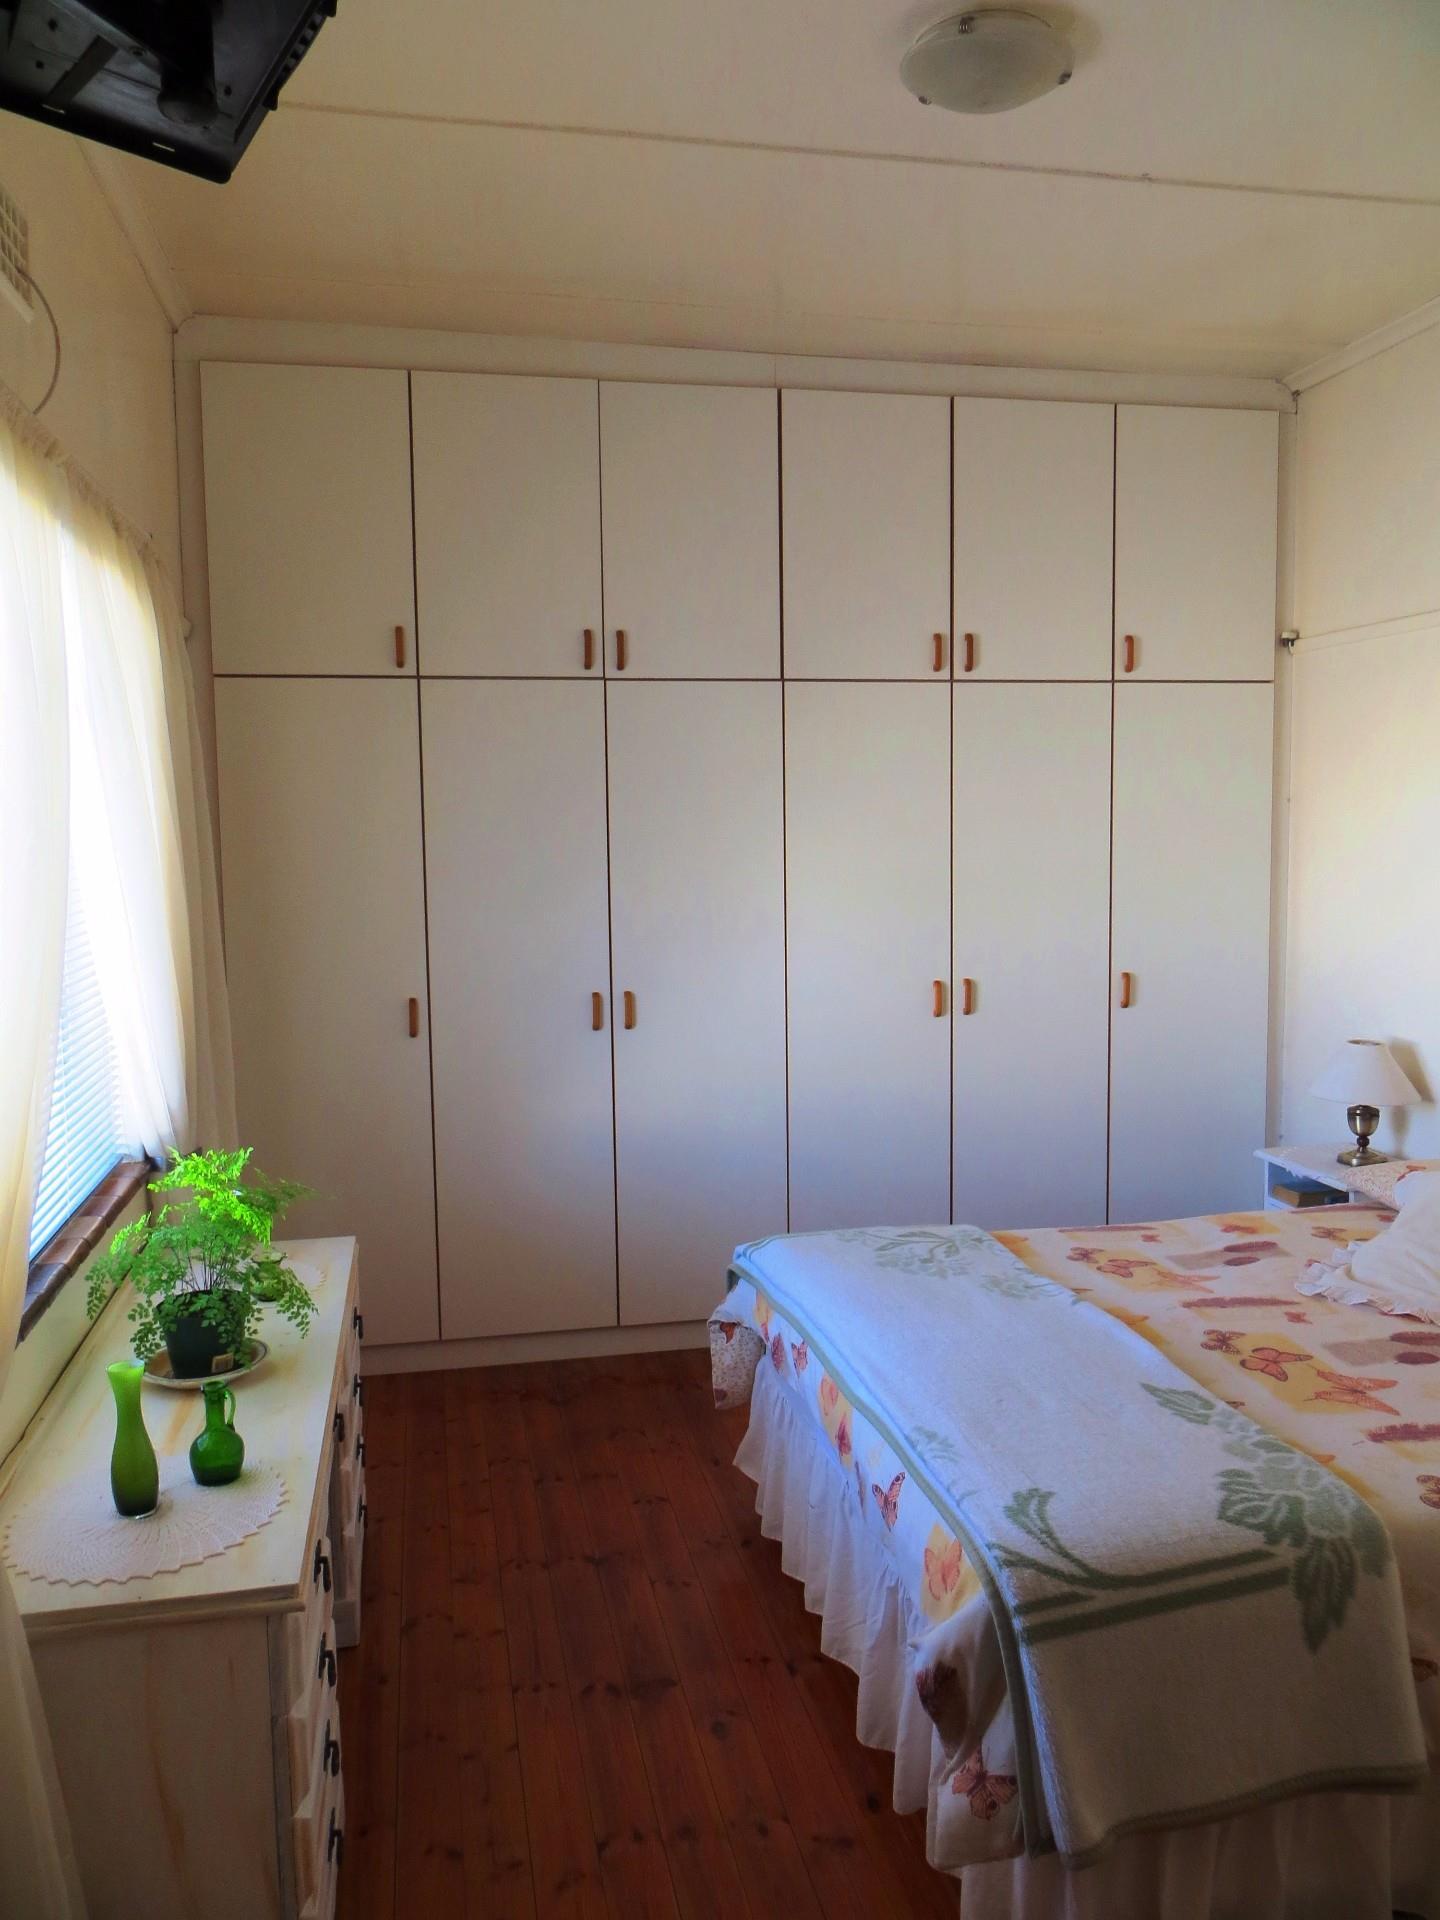 Velddrif, Laaiplek Property  | Houses For Sale Laaiplek, Laaiplek, House 3 bedrooms property for sale Price:1,100,000